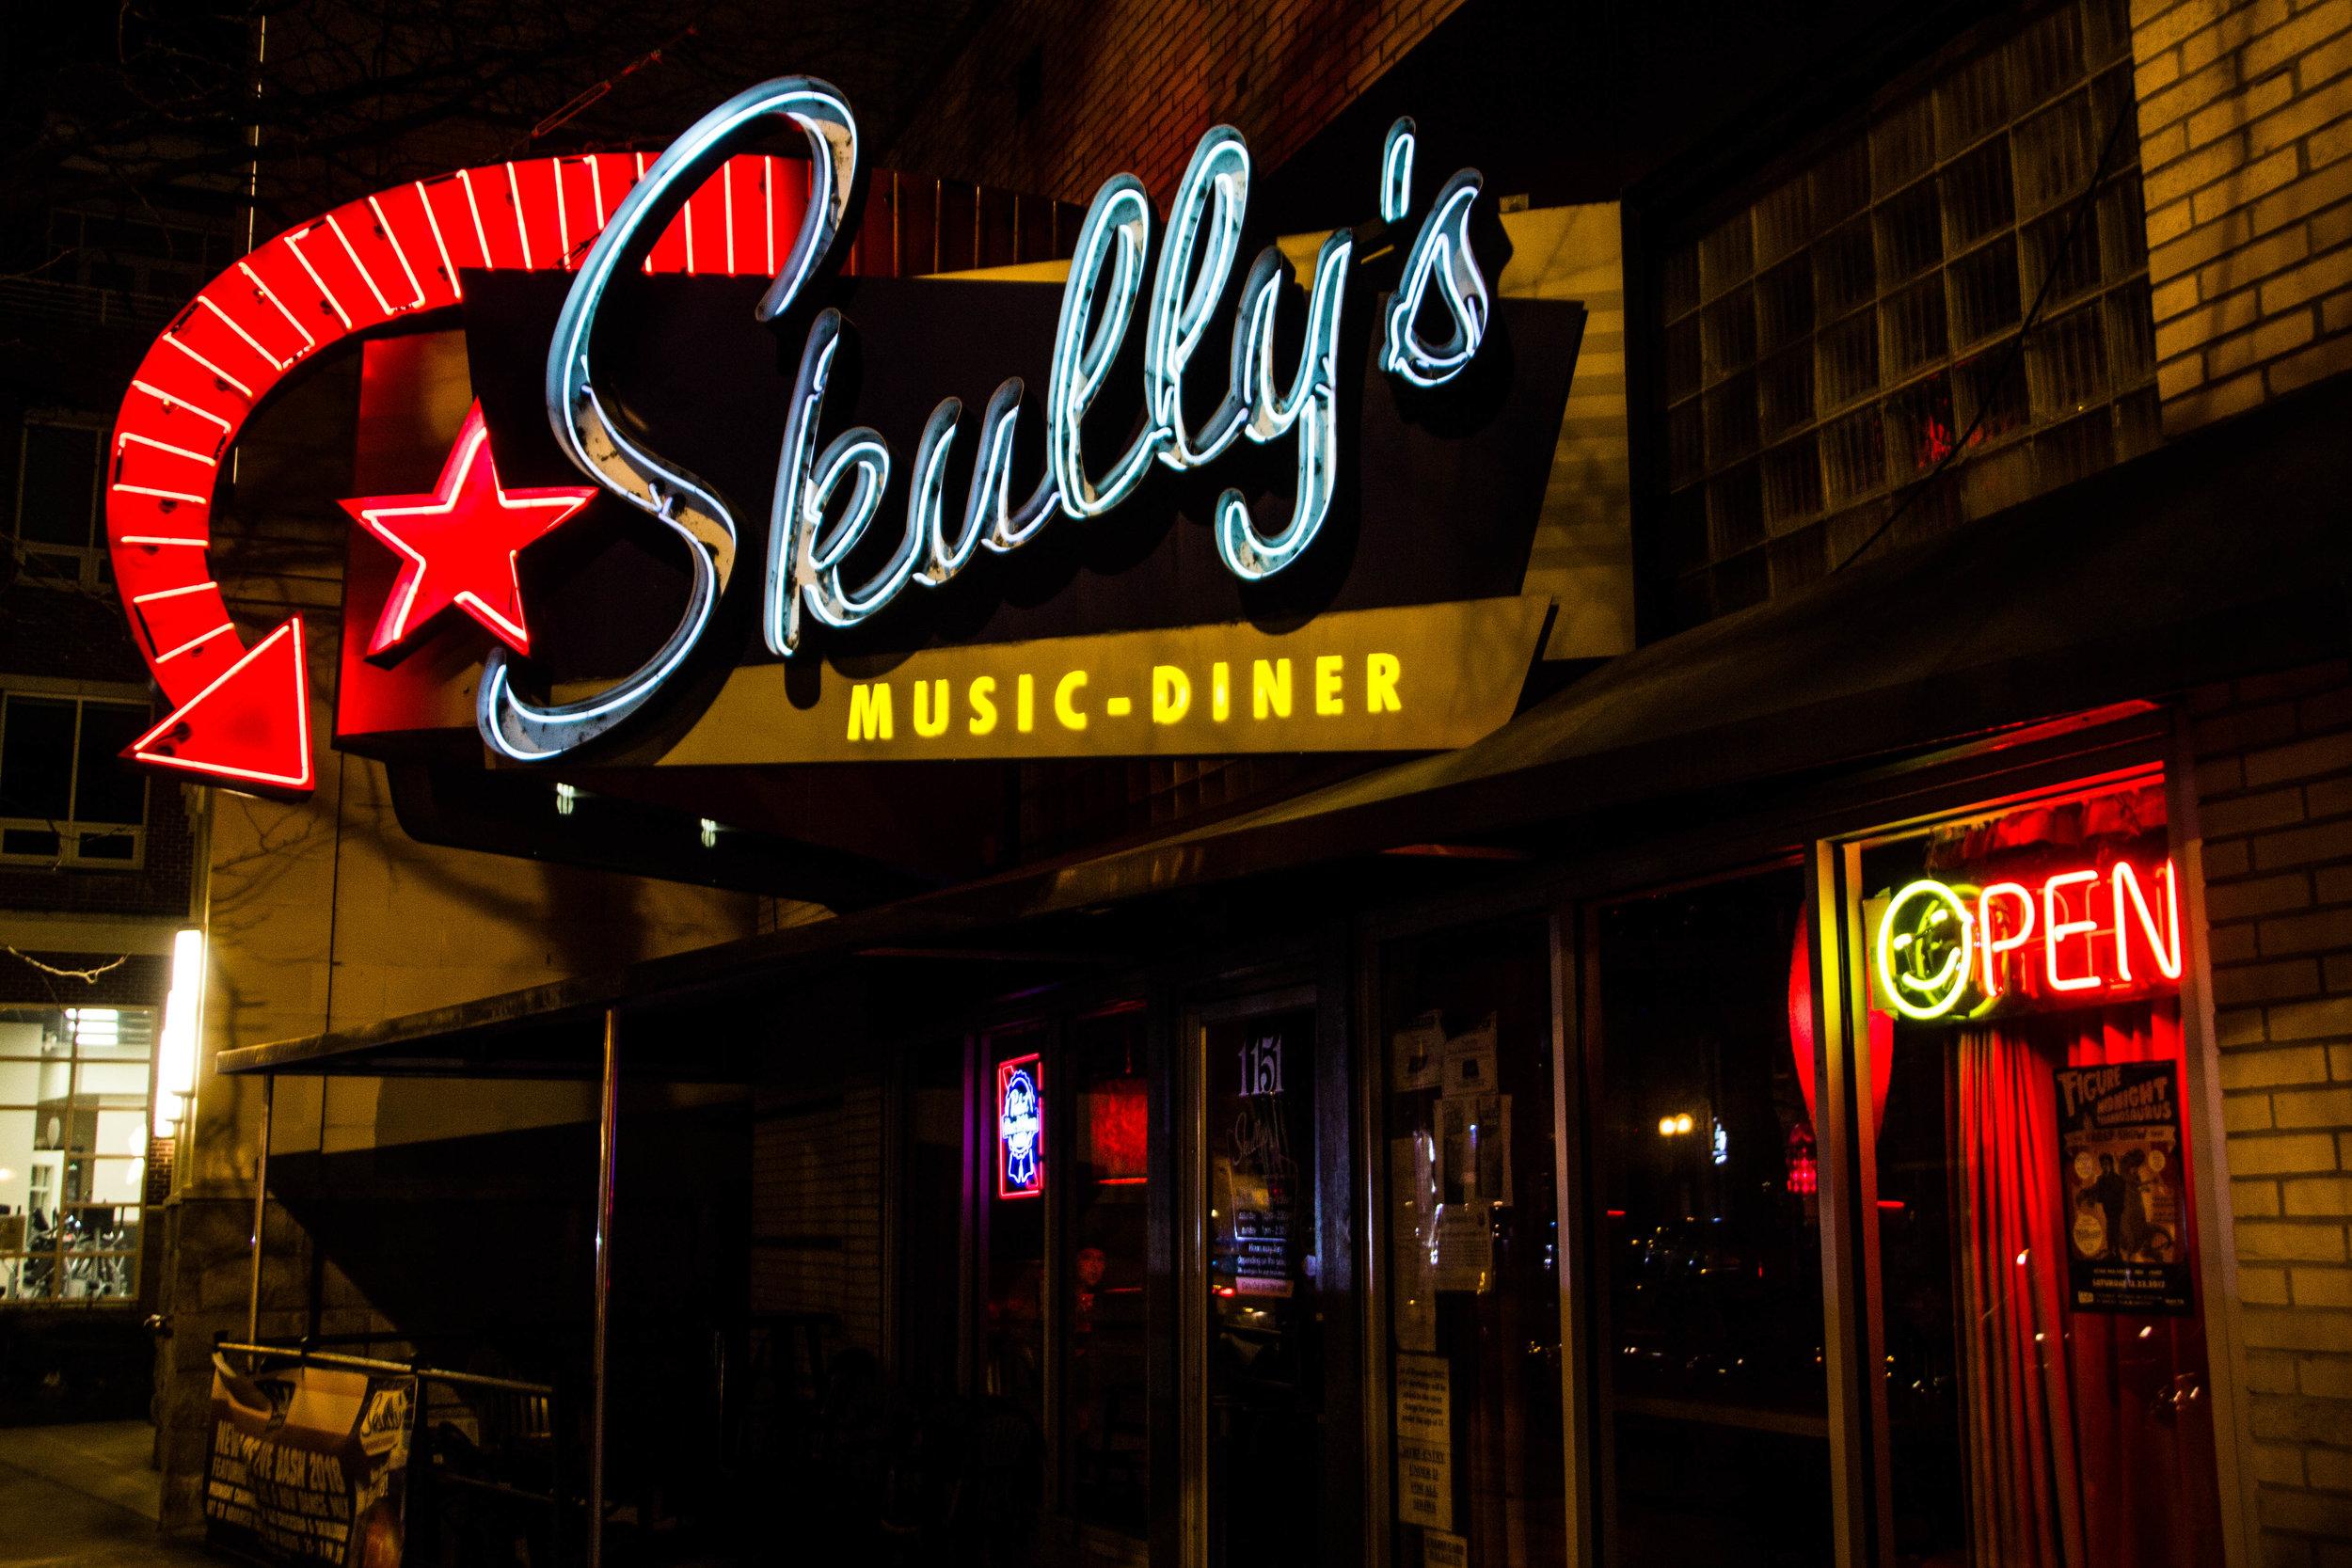 skully's-music-diner-columbus-nightlife-3.jpg